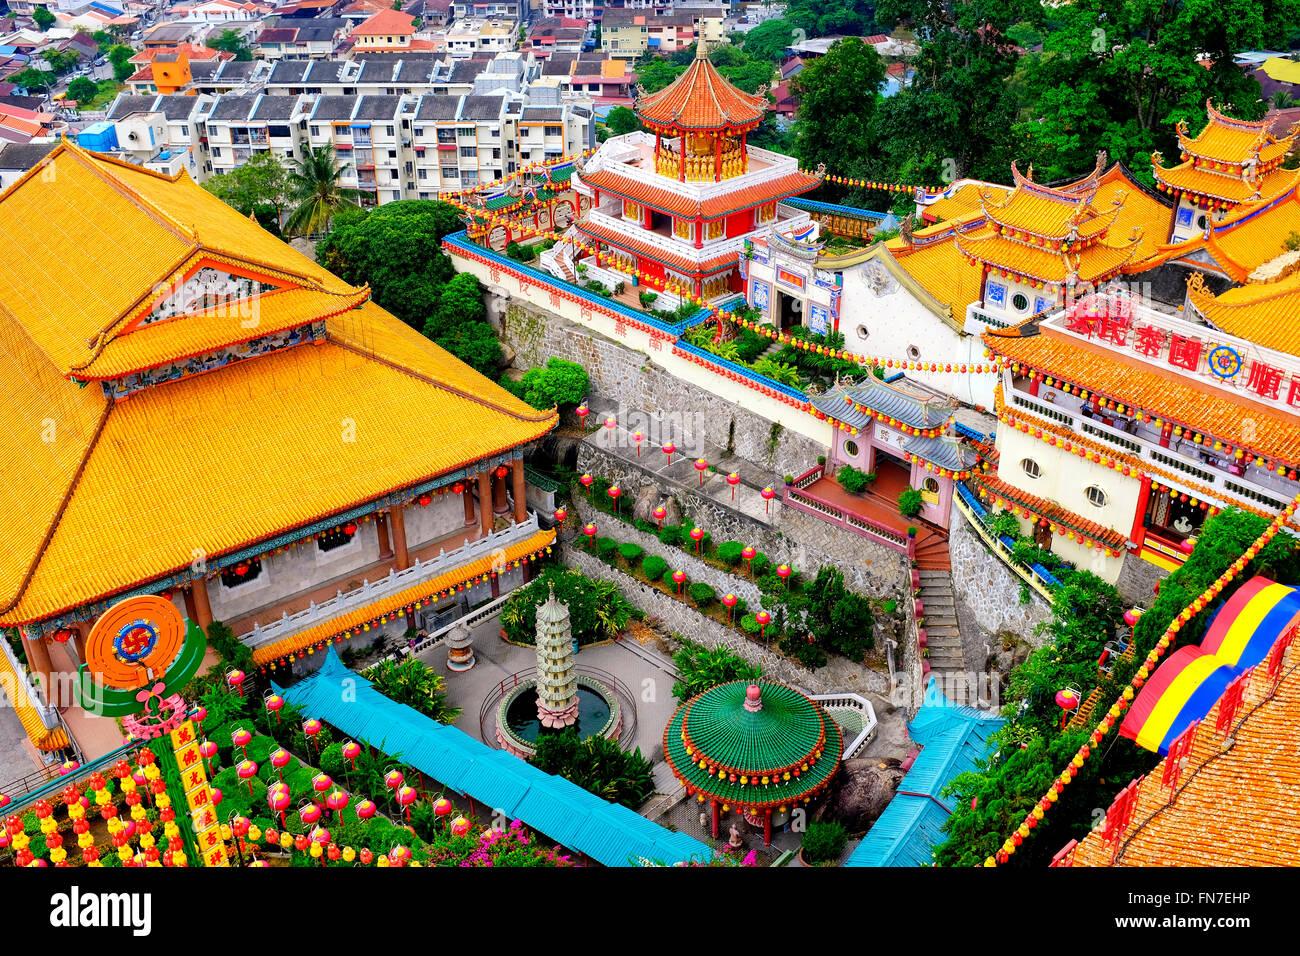 Vista de Kek Lok Si, Air Itam, Penang, Malasia Imagen De Stock